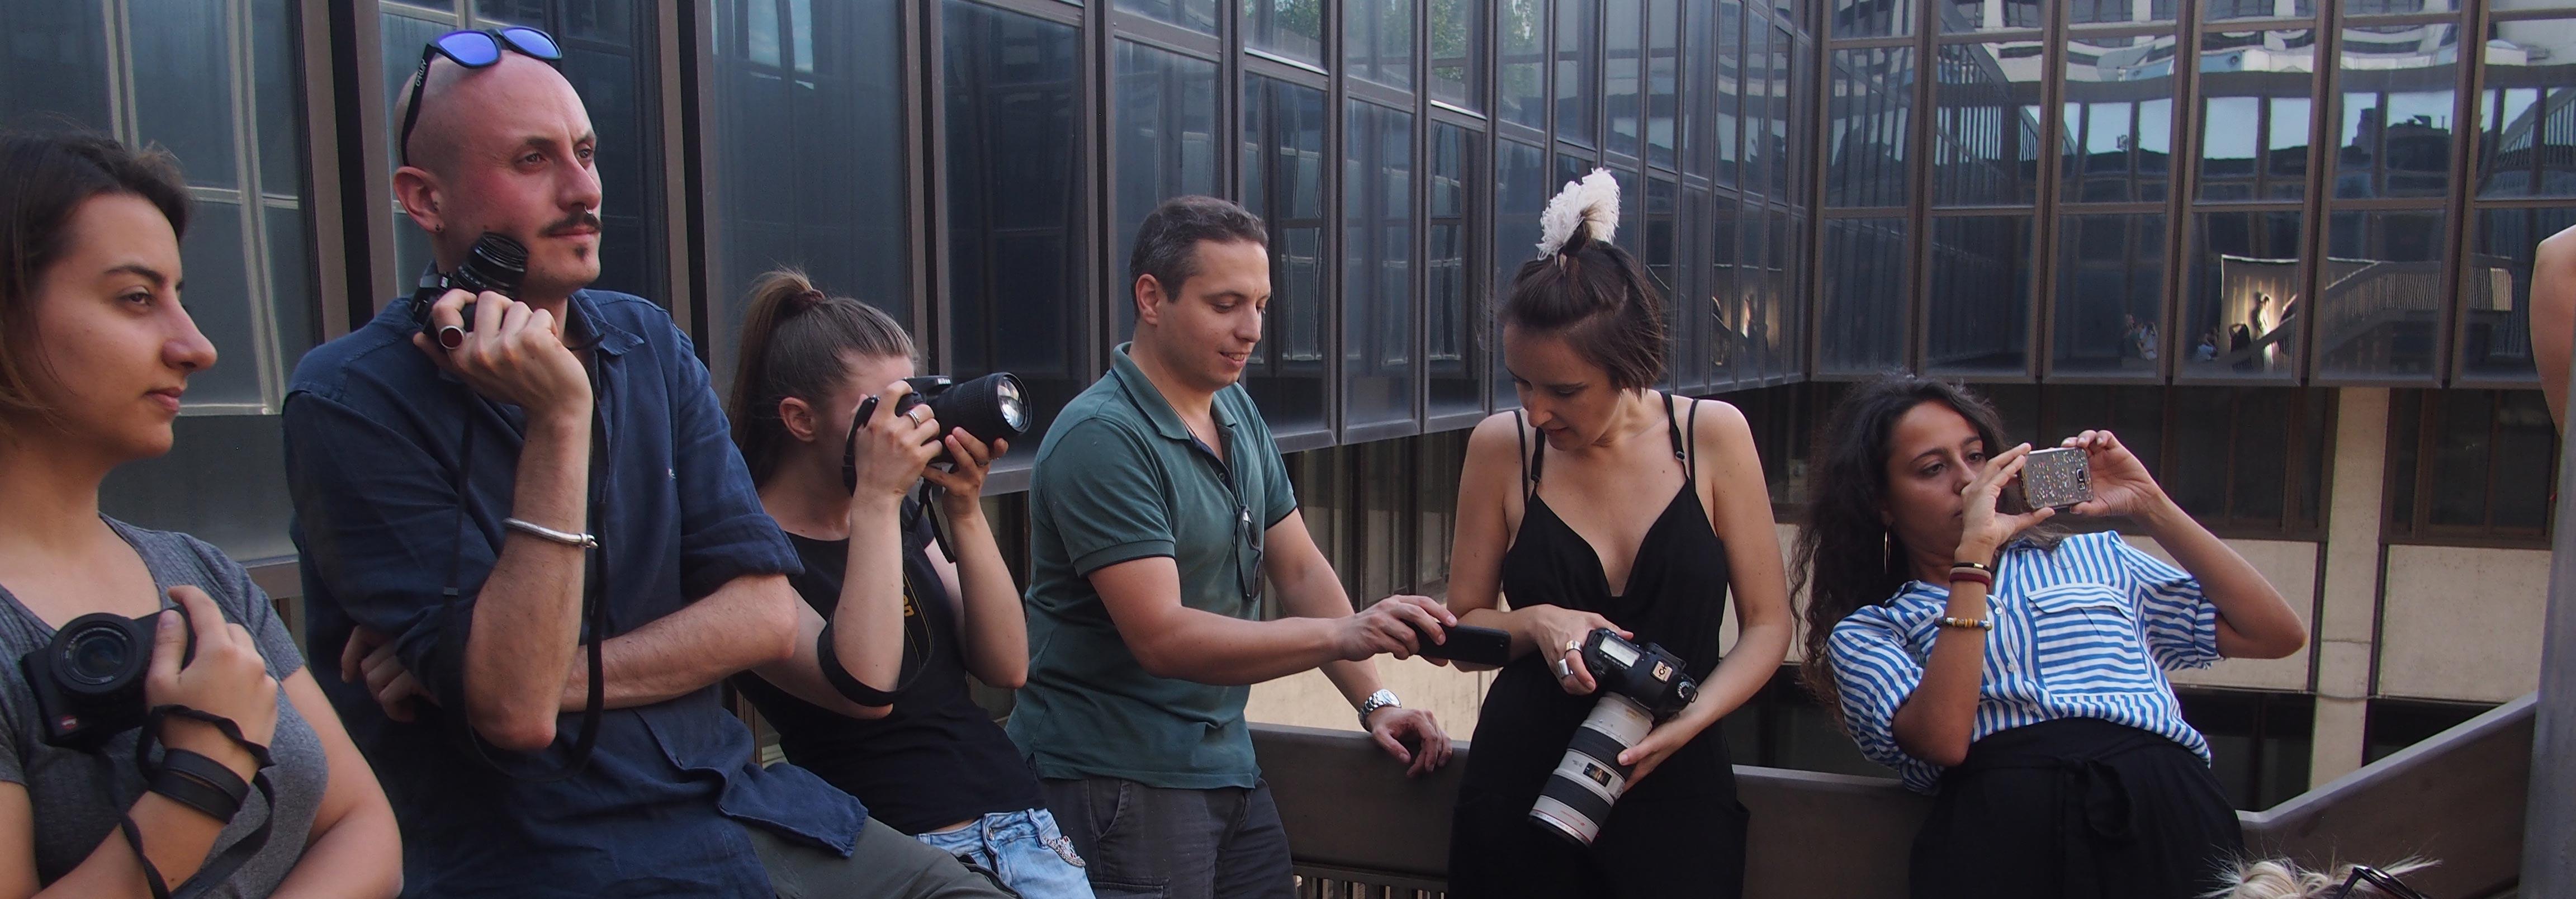 corso di fotografia digitale a bologna